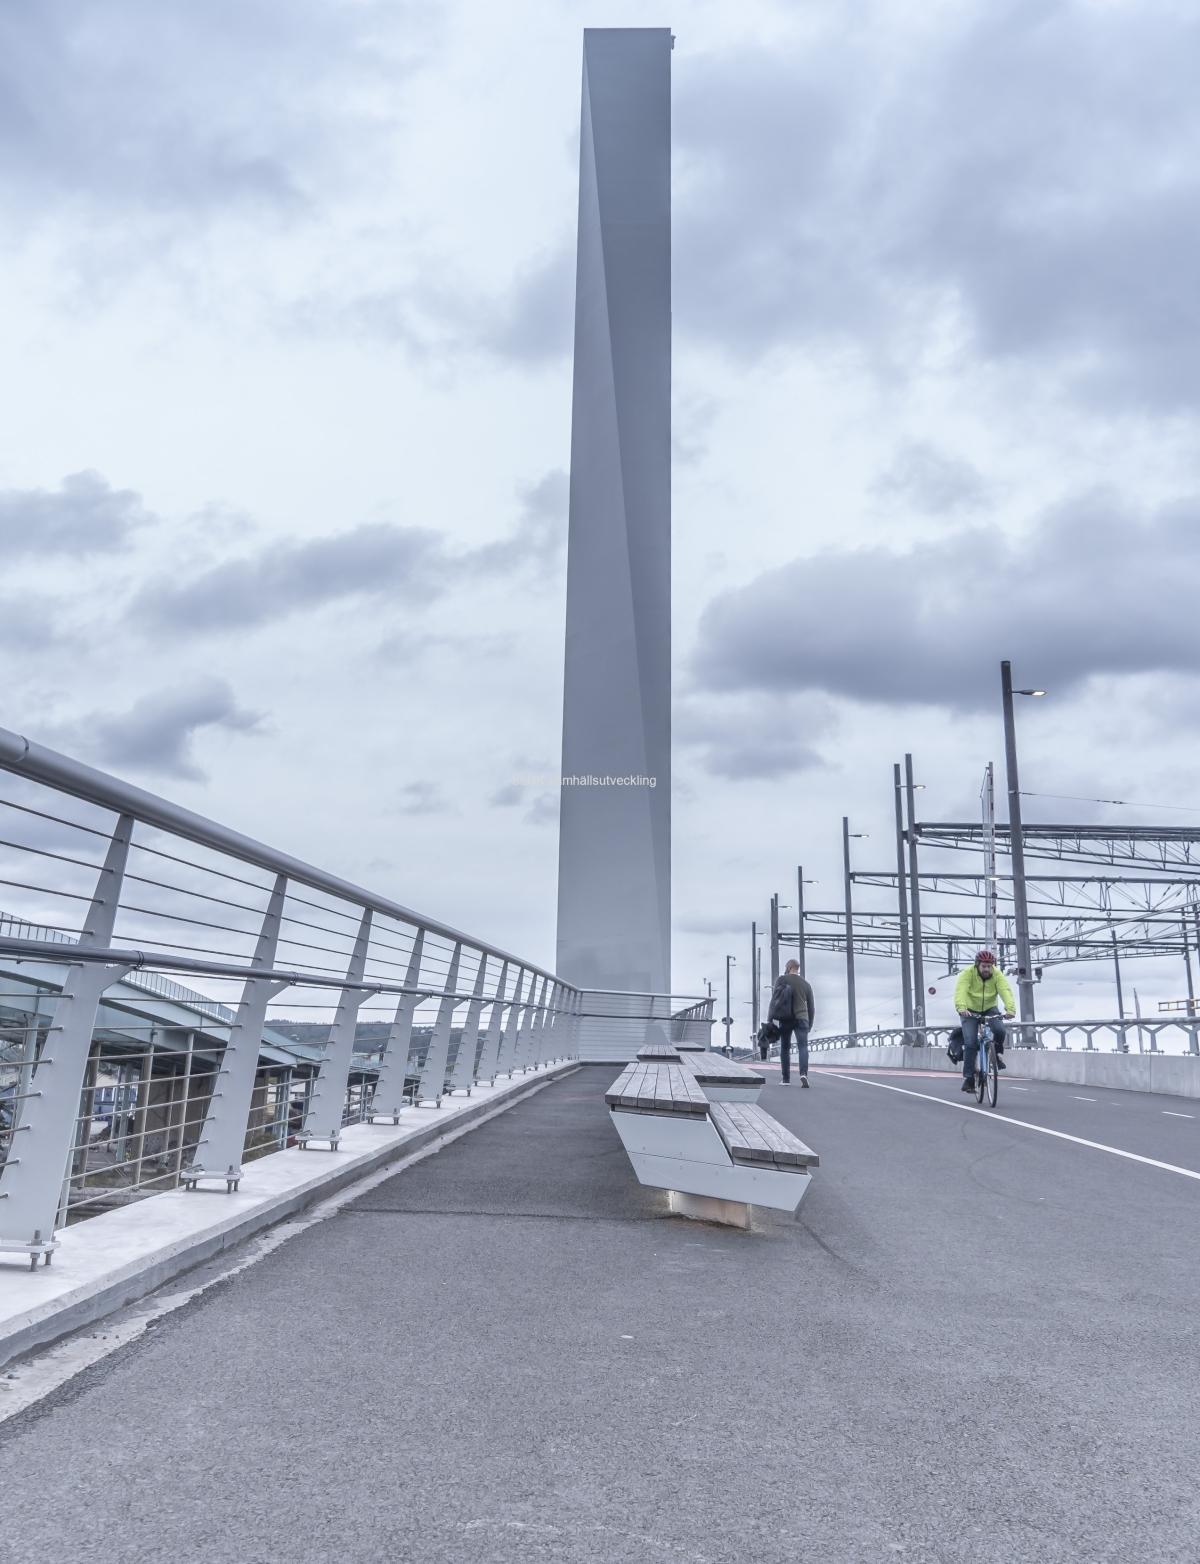 Det finns bänkar på bron för att sitta ner och vila och se på utsikten.